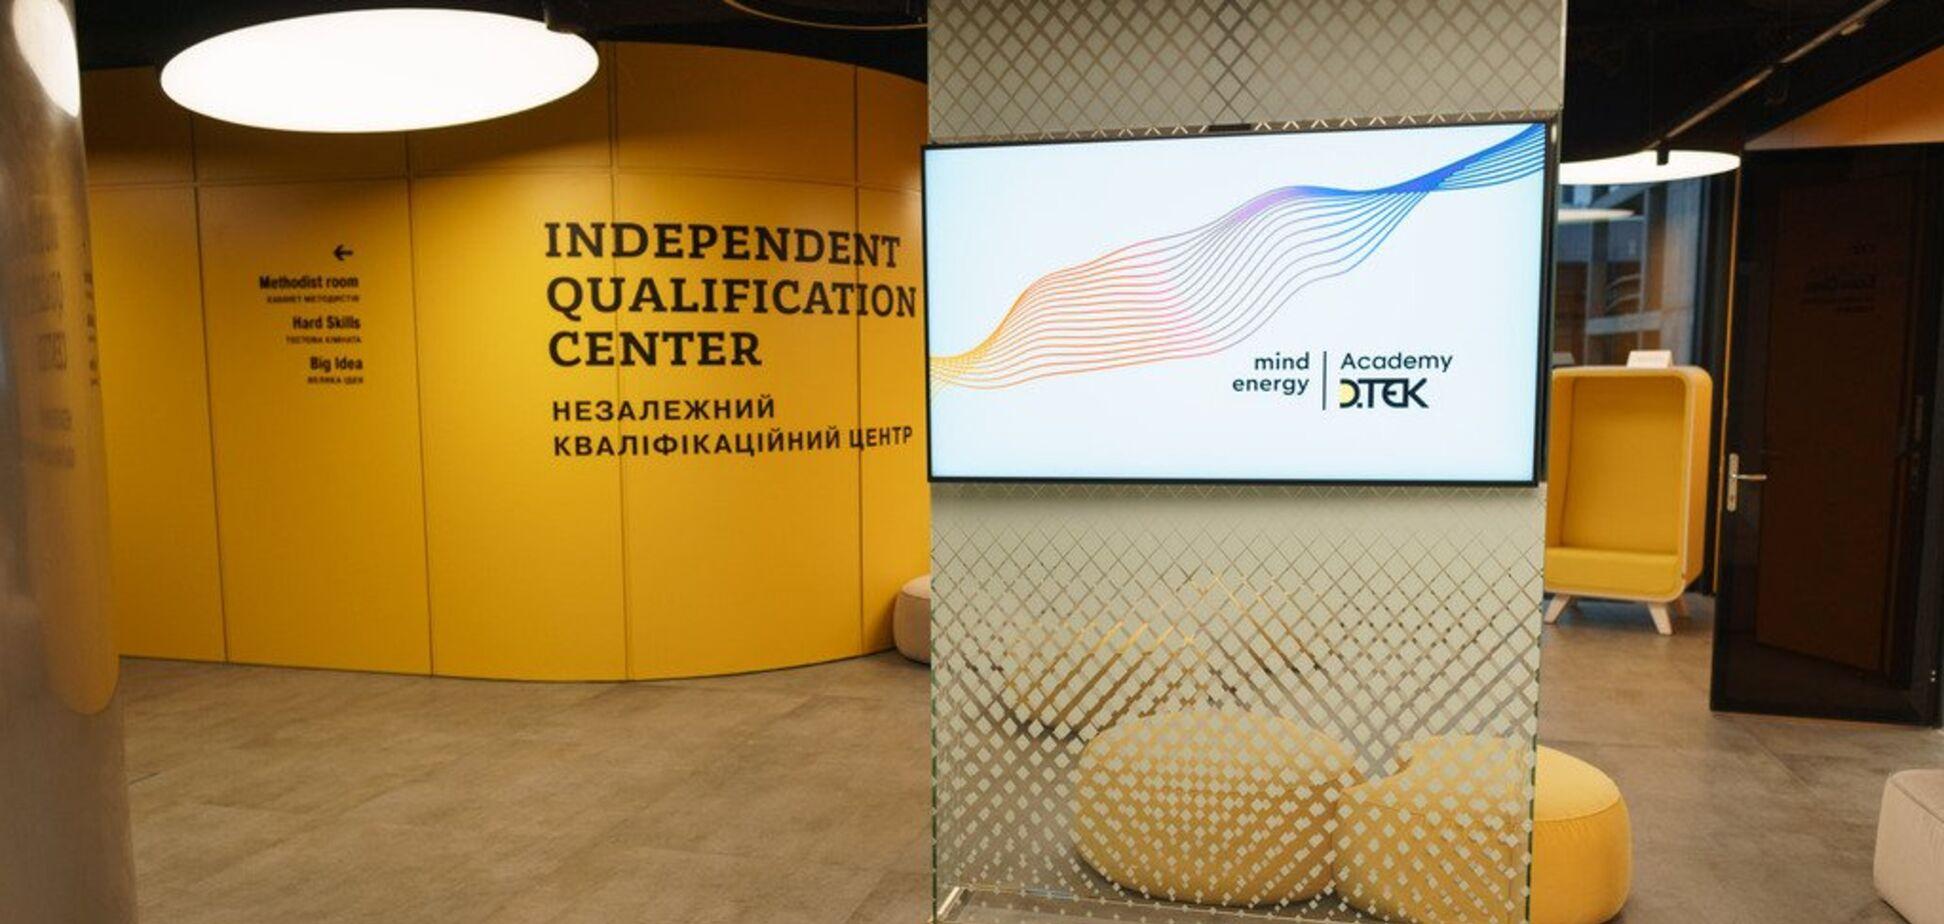 Academy DTEK визнана одним із найкращих корпоративних університетів світу